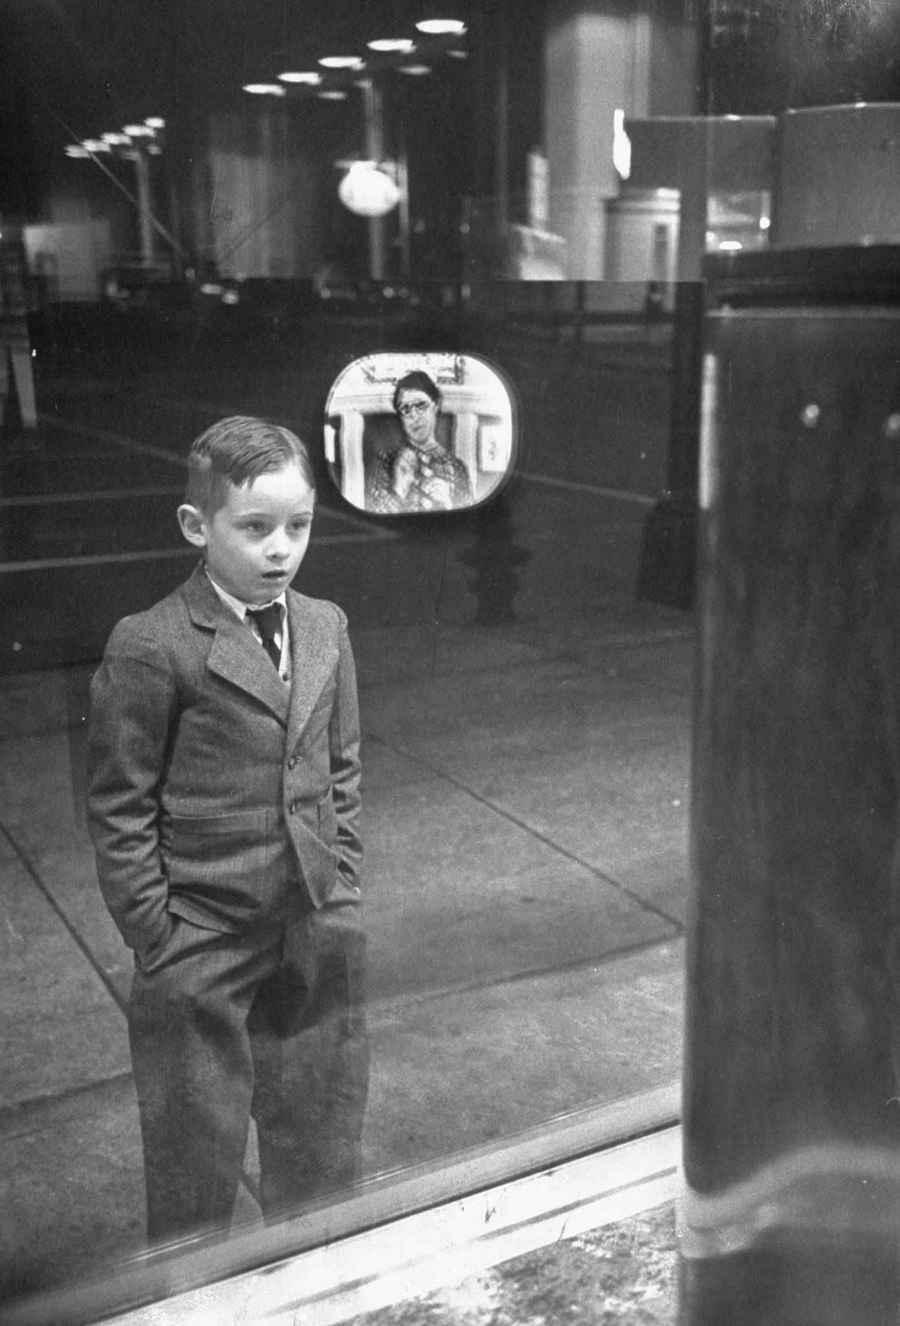 1948. Egy fiú életében először lát televíziót egy bolt kirakatában..jpg